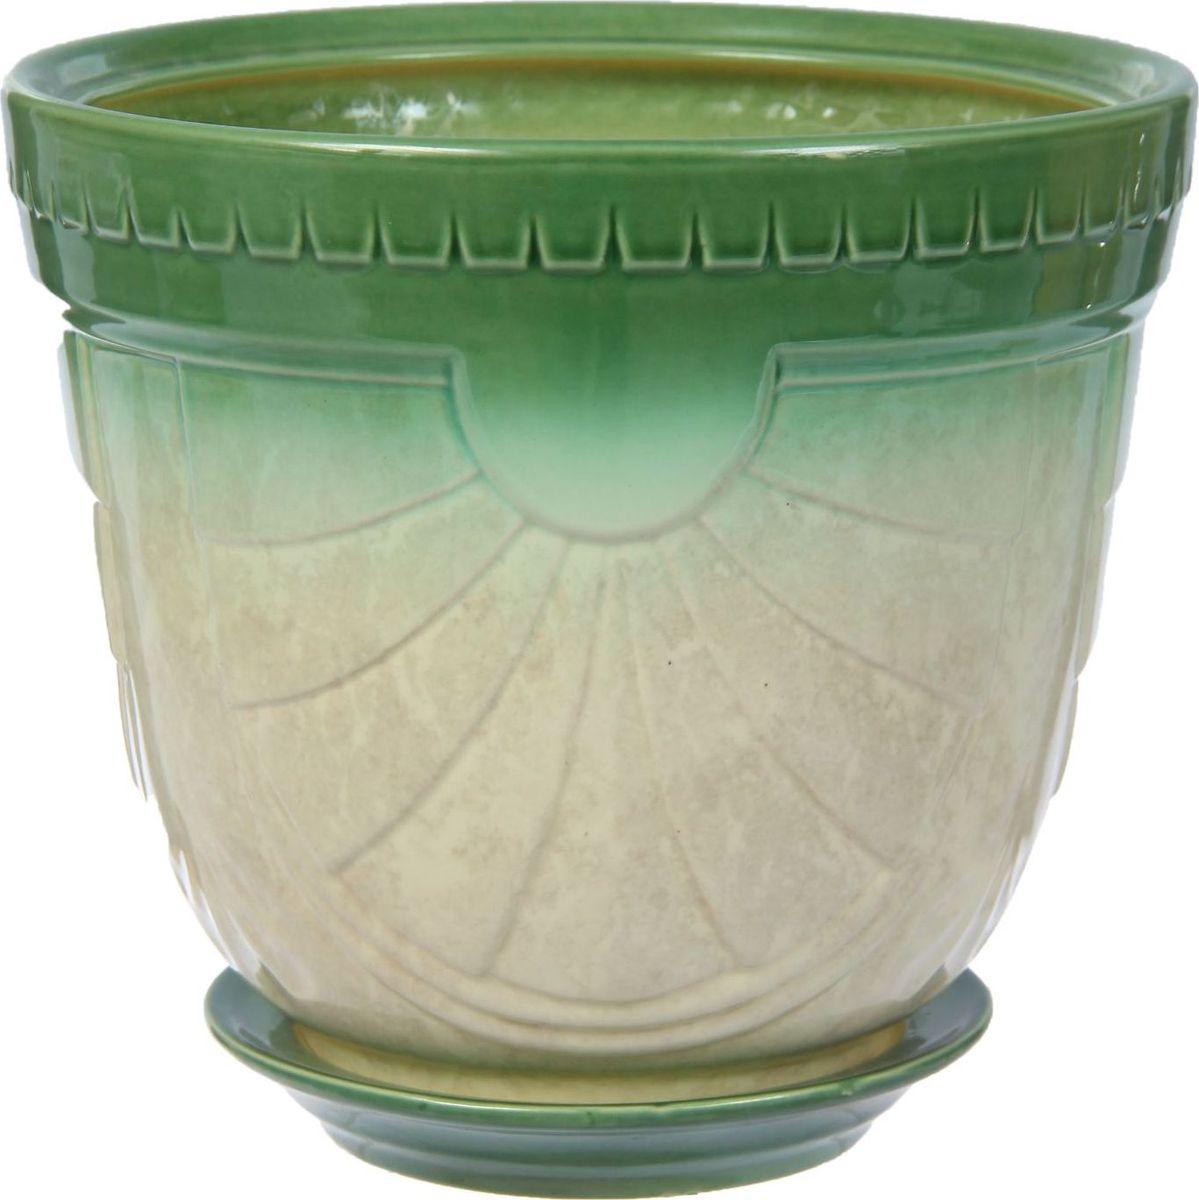 Кашпо Бастон, цвет: белый, зеленый, 9 л1300551Комнатные растения — всеобщие любимцы. Они радуют глаз, насыщают помещение кислородом и украшают пространство. Каждому из них необходим свой удобный и красивый дом. Кашпо из керамики прекрасно подходят для высадки растений: за счёт пластичности глины и разных способов обработки существует великое множество форм и дизайновпористый материал позволяет испаряться лишней влагевоздух, необходимый для дыхания корней, проникает сквозь керамические стенки! #name# позаботится о зелёном питомце, освежит интерьер и подчеркнёт его стиль.